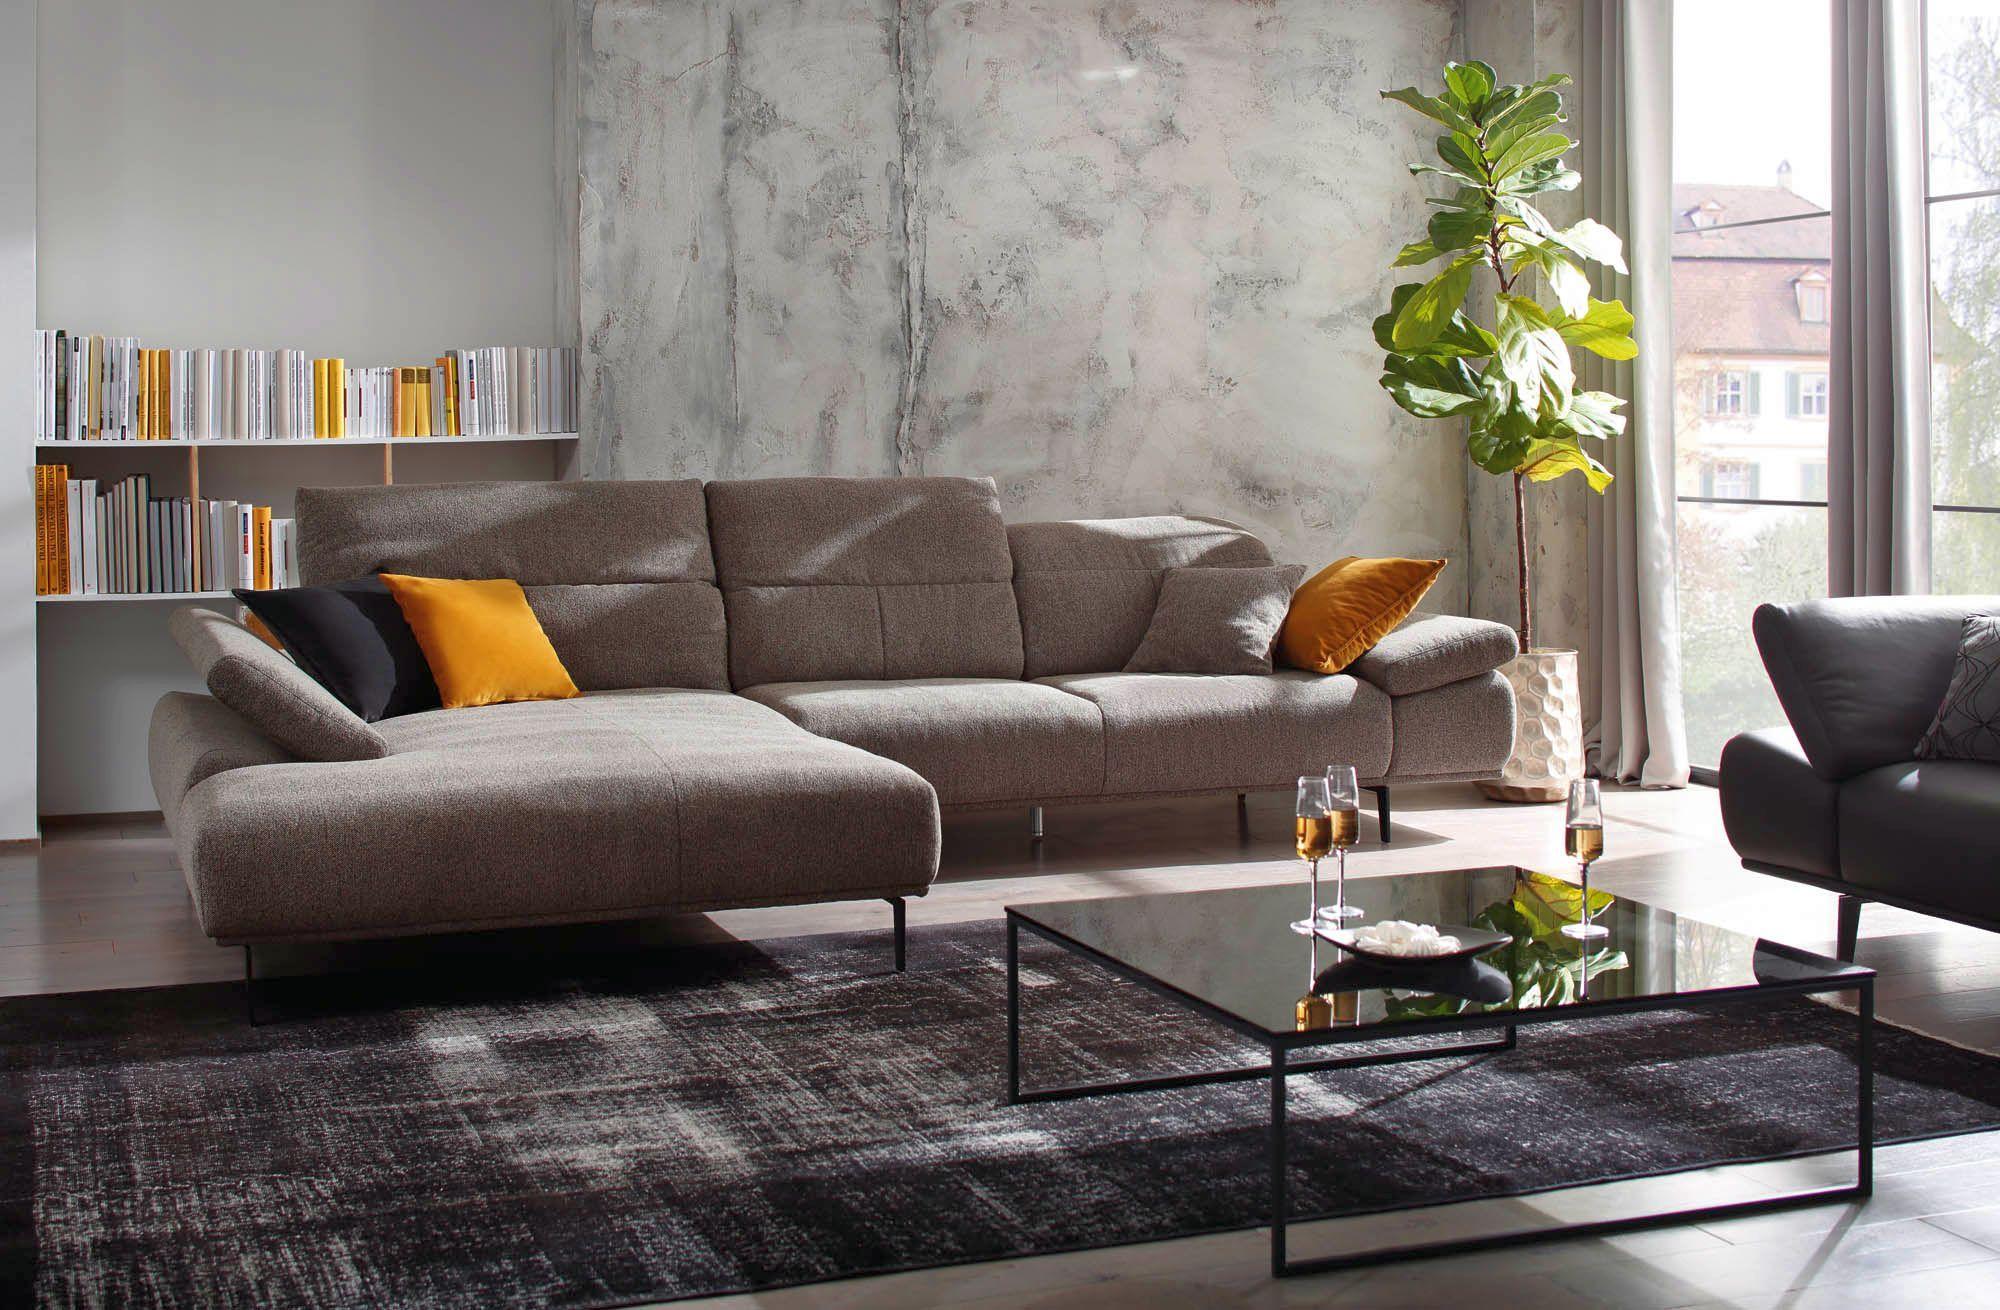 W.schillig Sofa Enjoy More